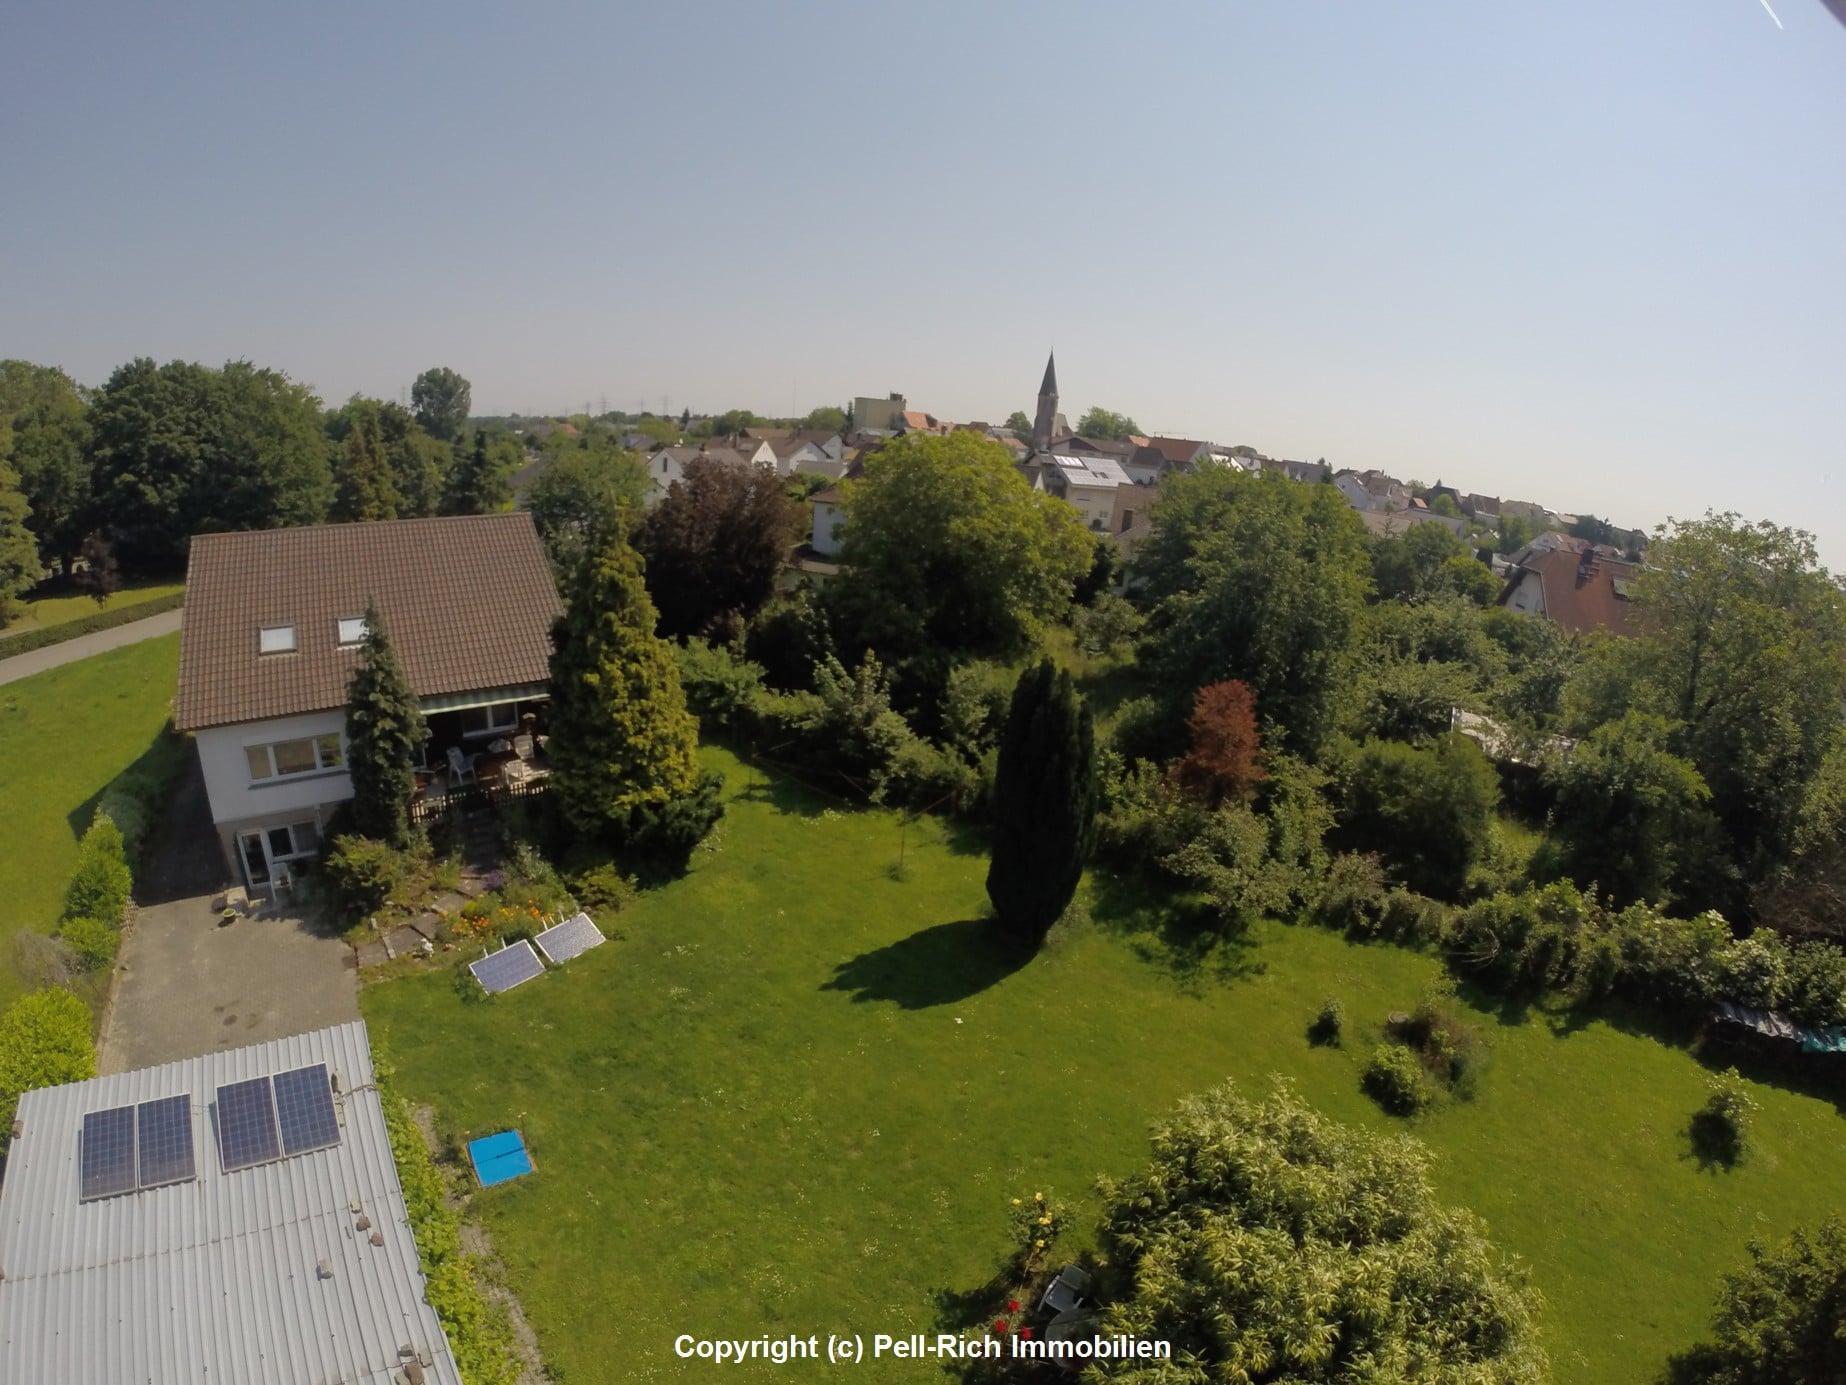 Luftbild von Einfamilienhaus in Eggenstein mit großem Grundstück